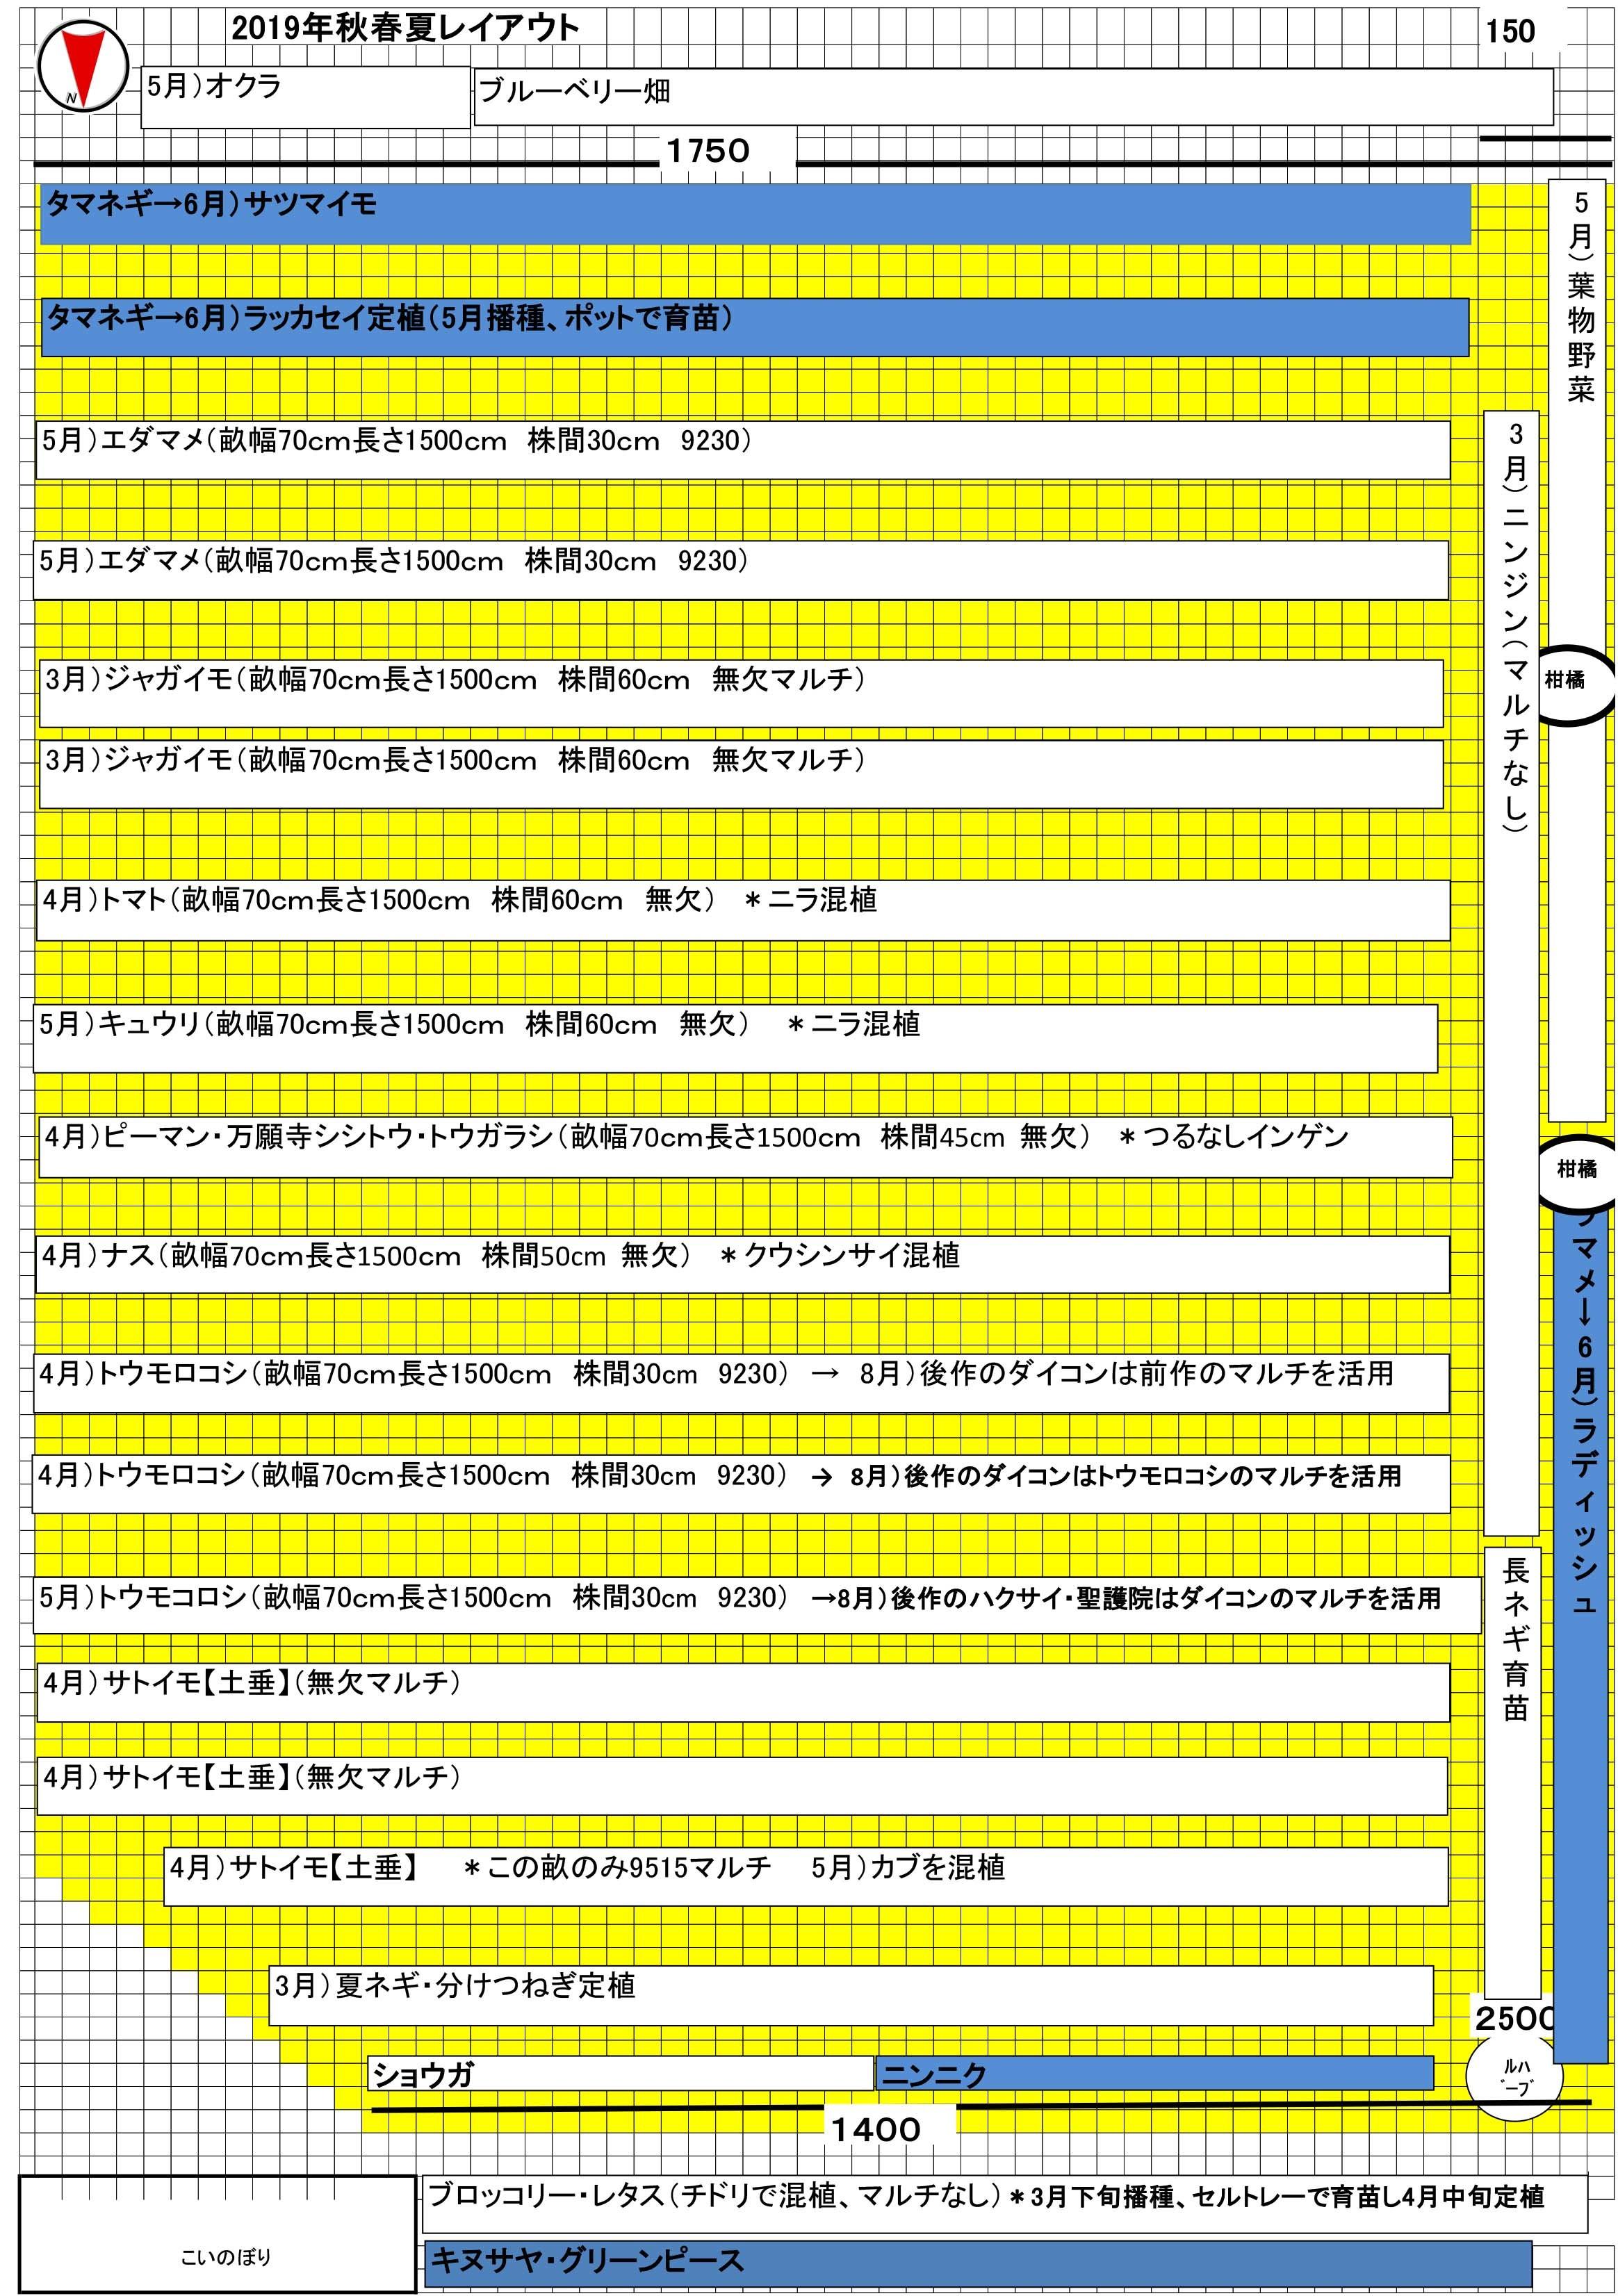 19春夏レイウト(20190119修正)jpg